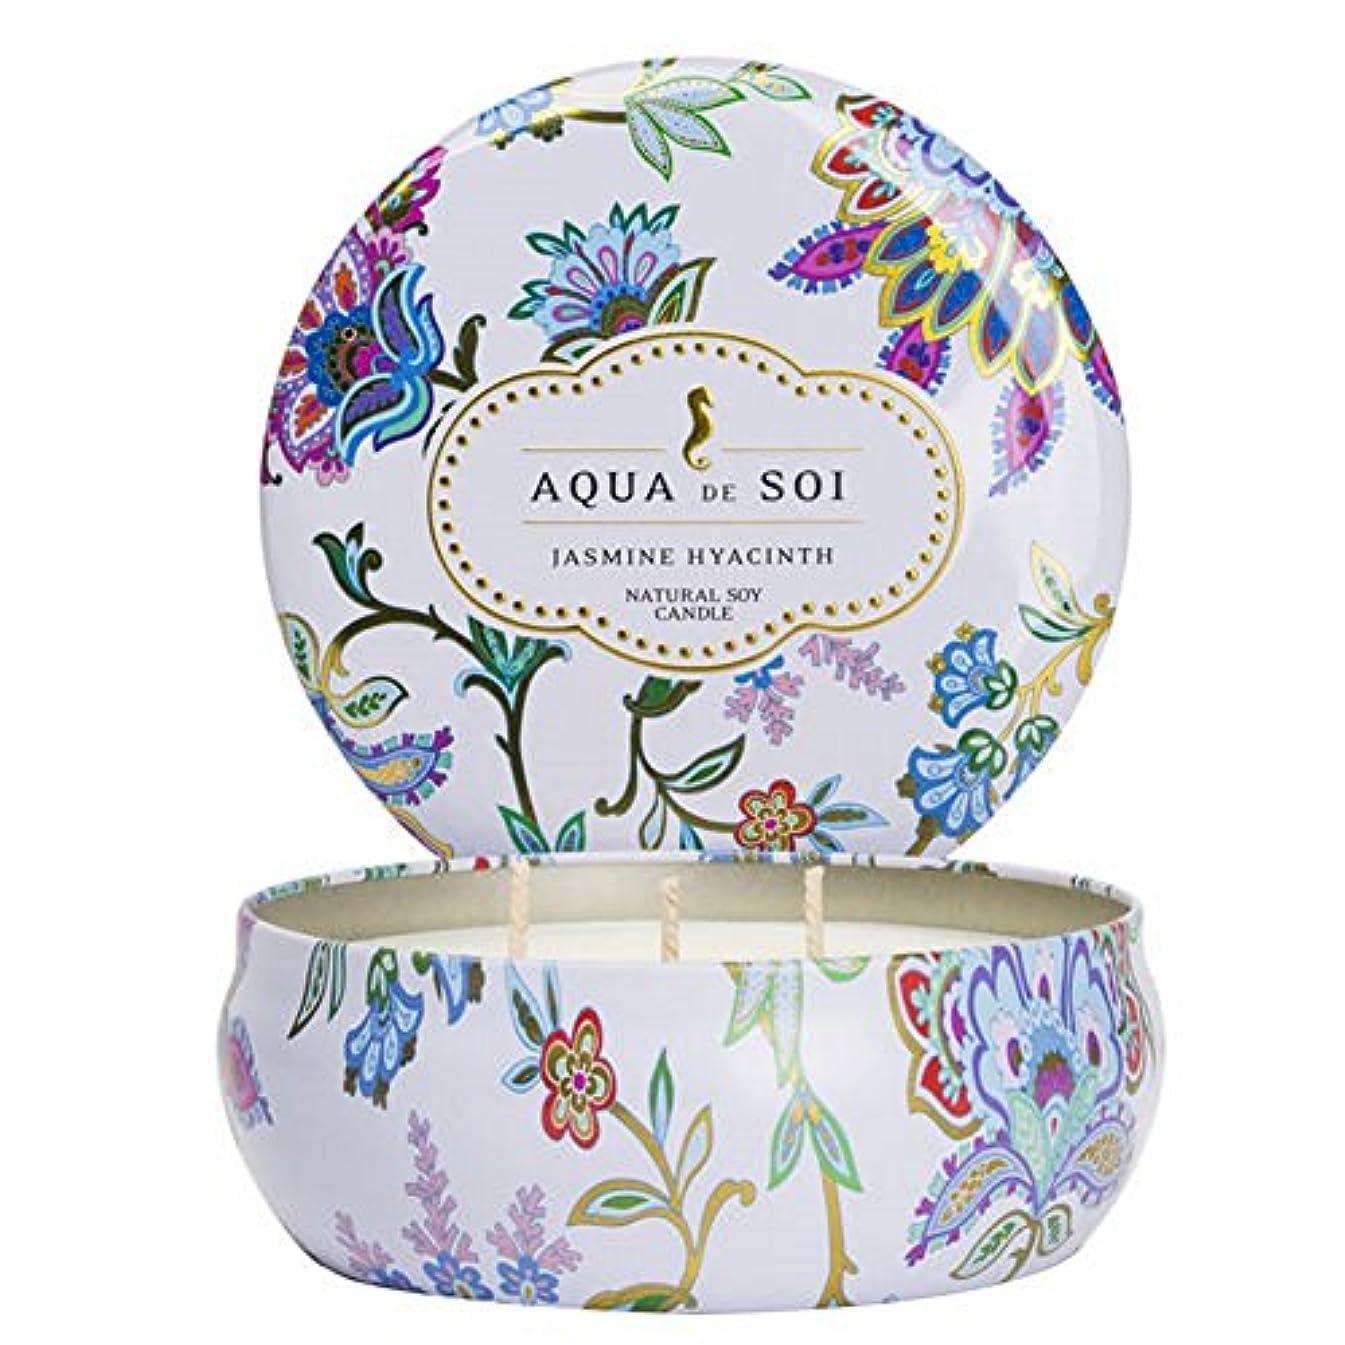 ボートごめんなさい赤字Soi会社Aqua De Soi 100 %プレミアム天然Soy Candle、トリプルWick、21オンス 21 Ounces ホワイト unknown